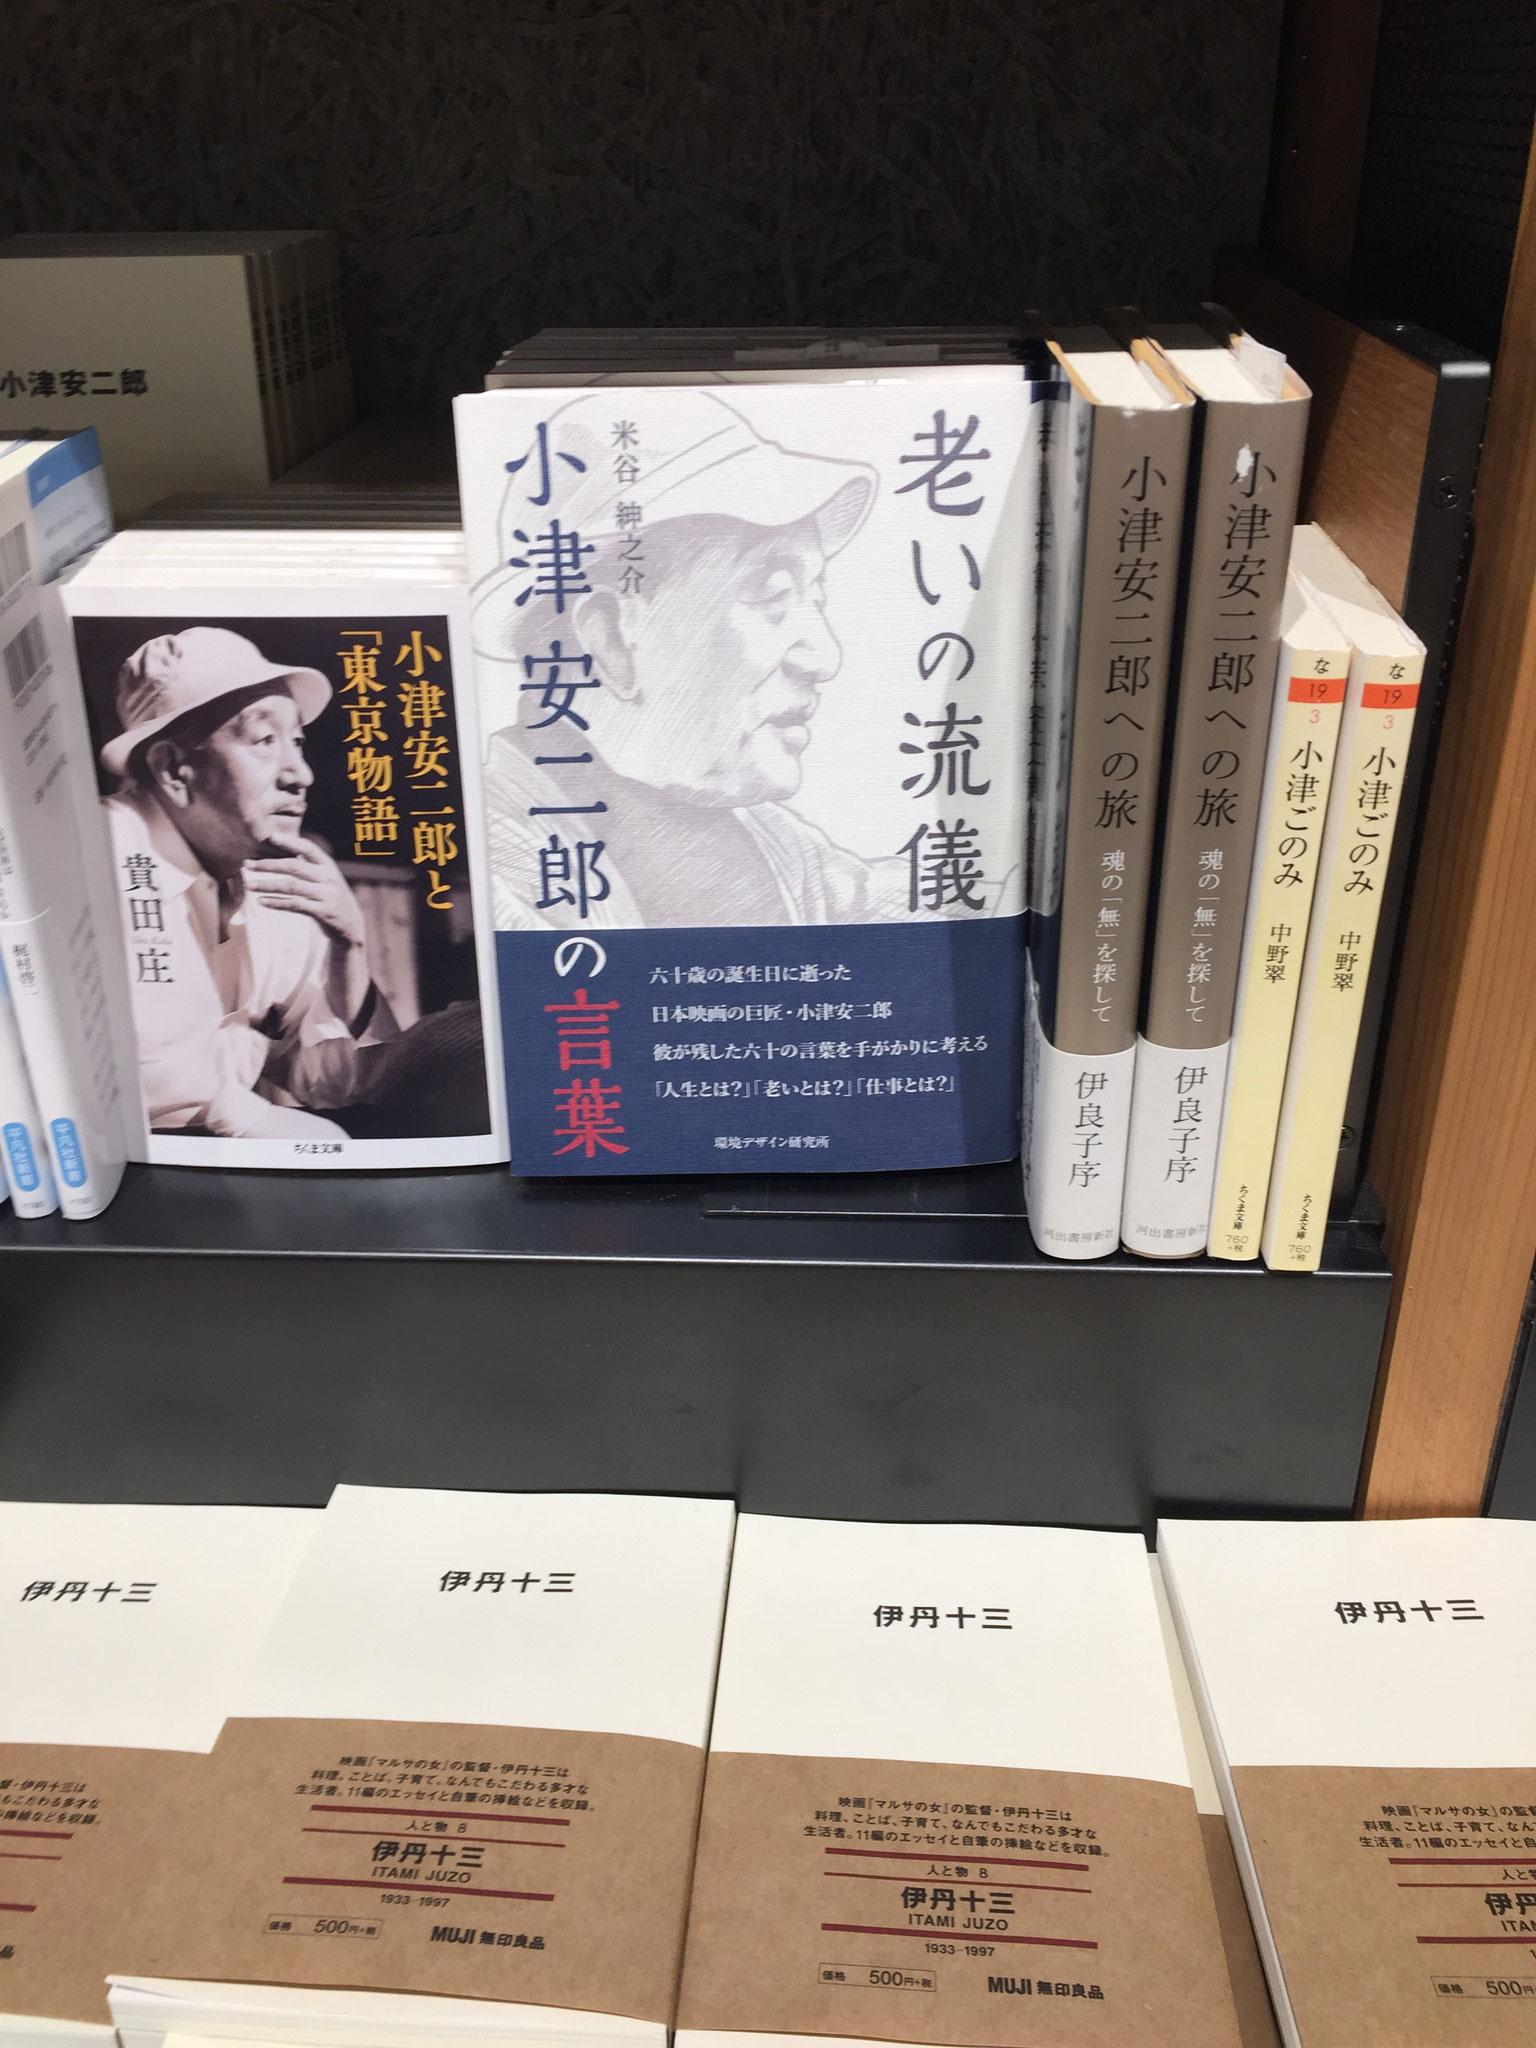 無印良品の本棚で。